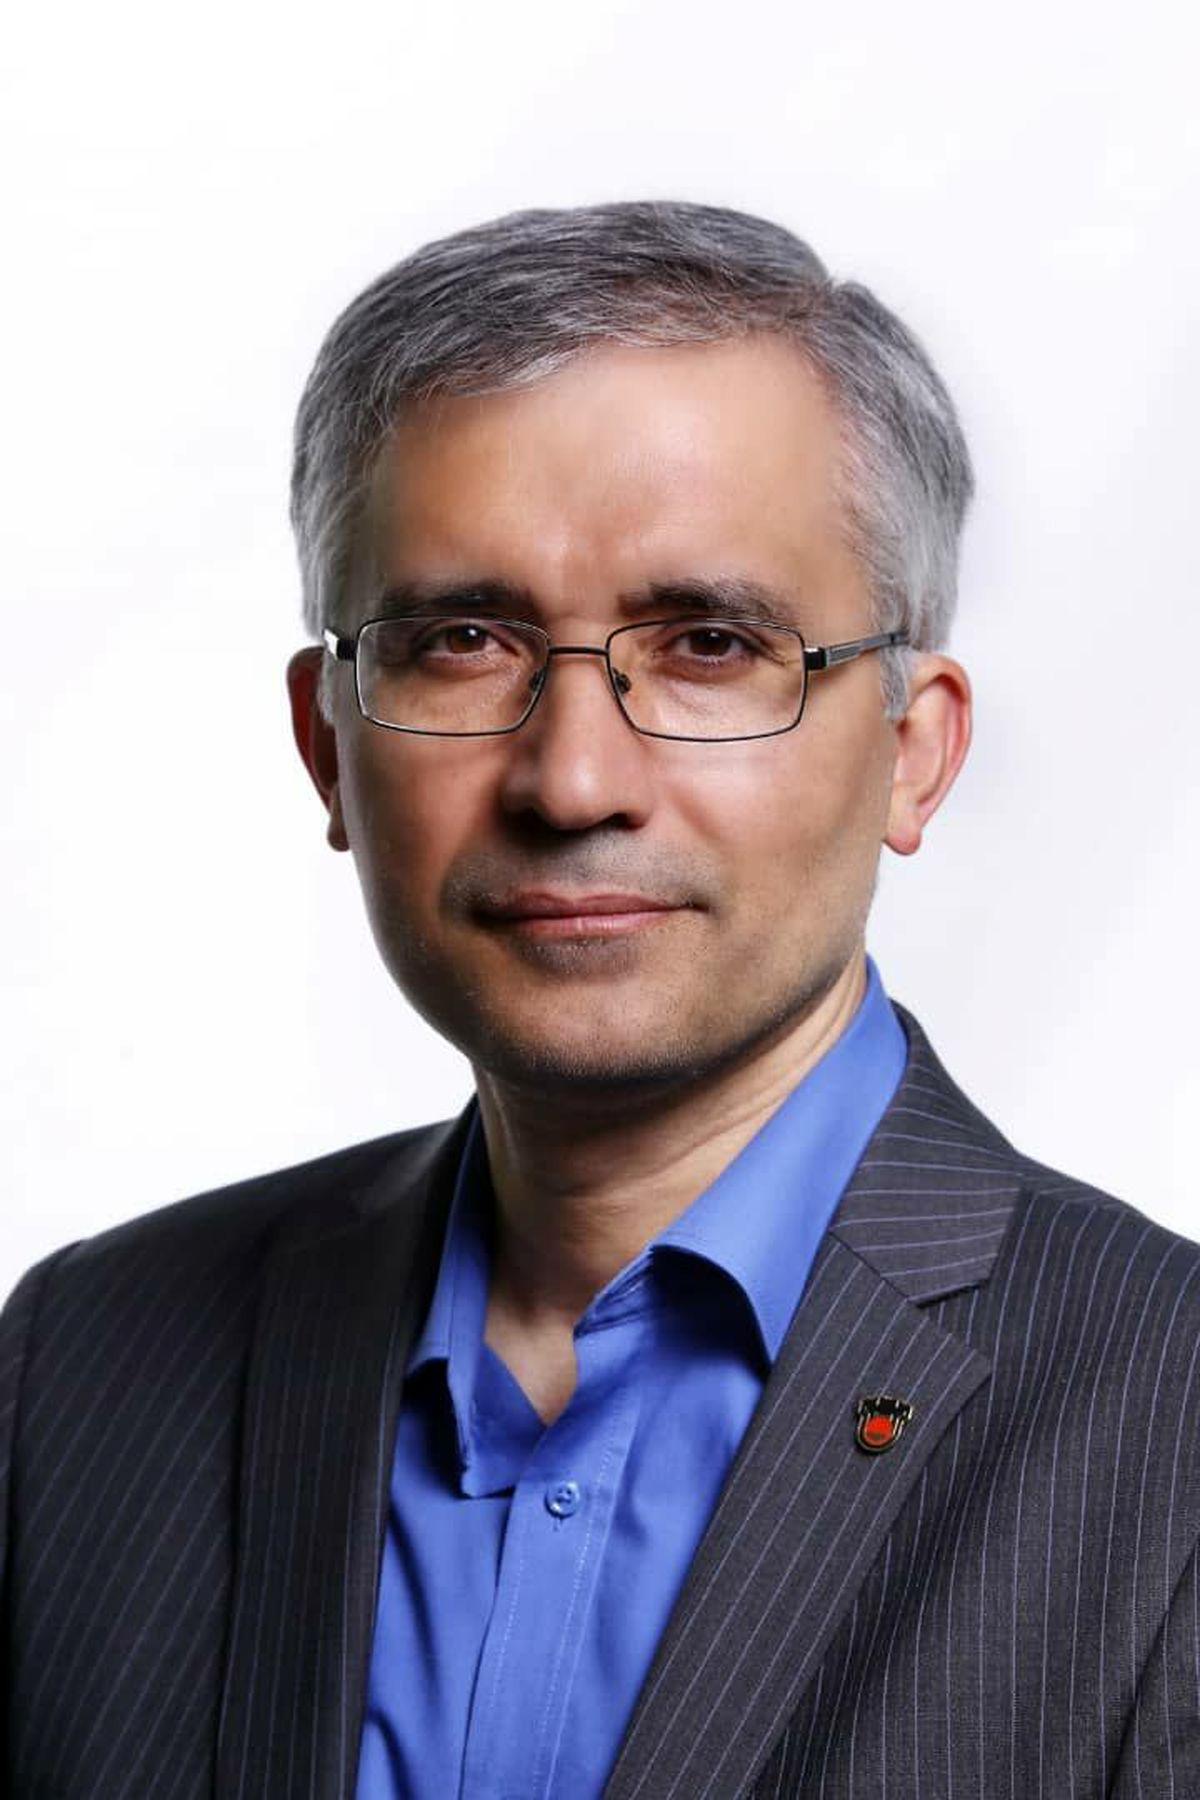 پیام منصور یزدی زاده مدیرعامل ذوب آهن اصفهان به مناسبت روز خبرنگار